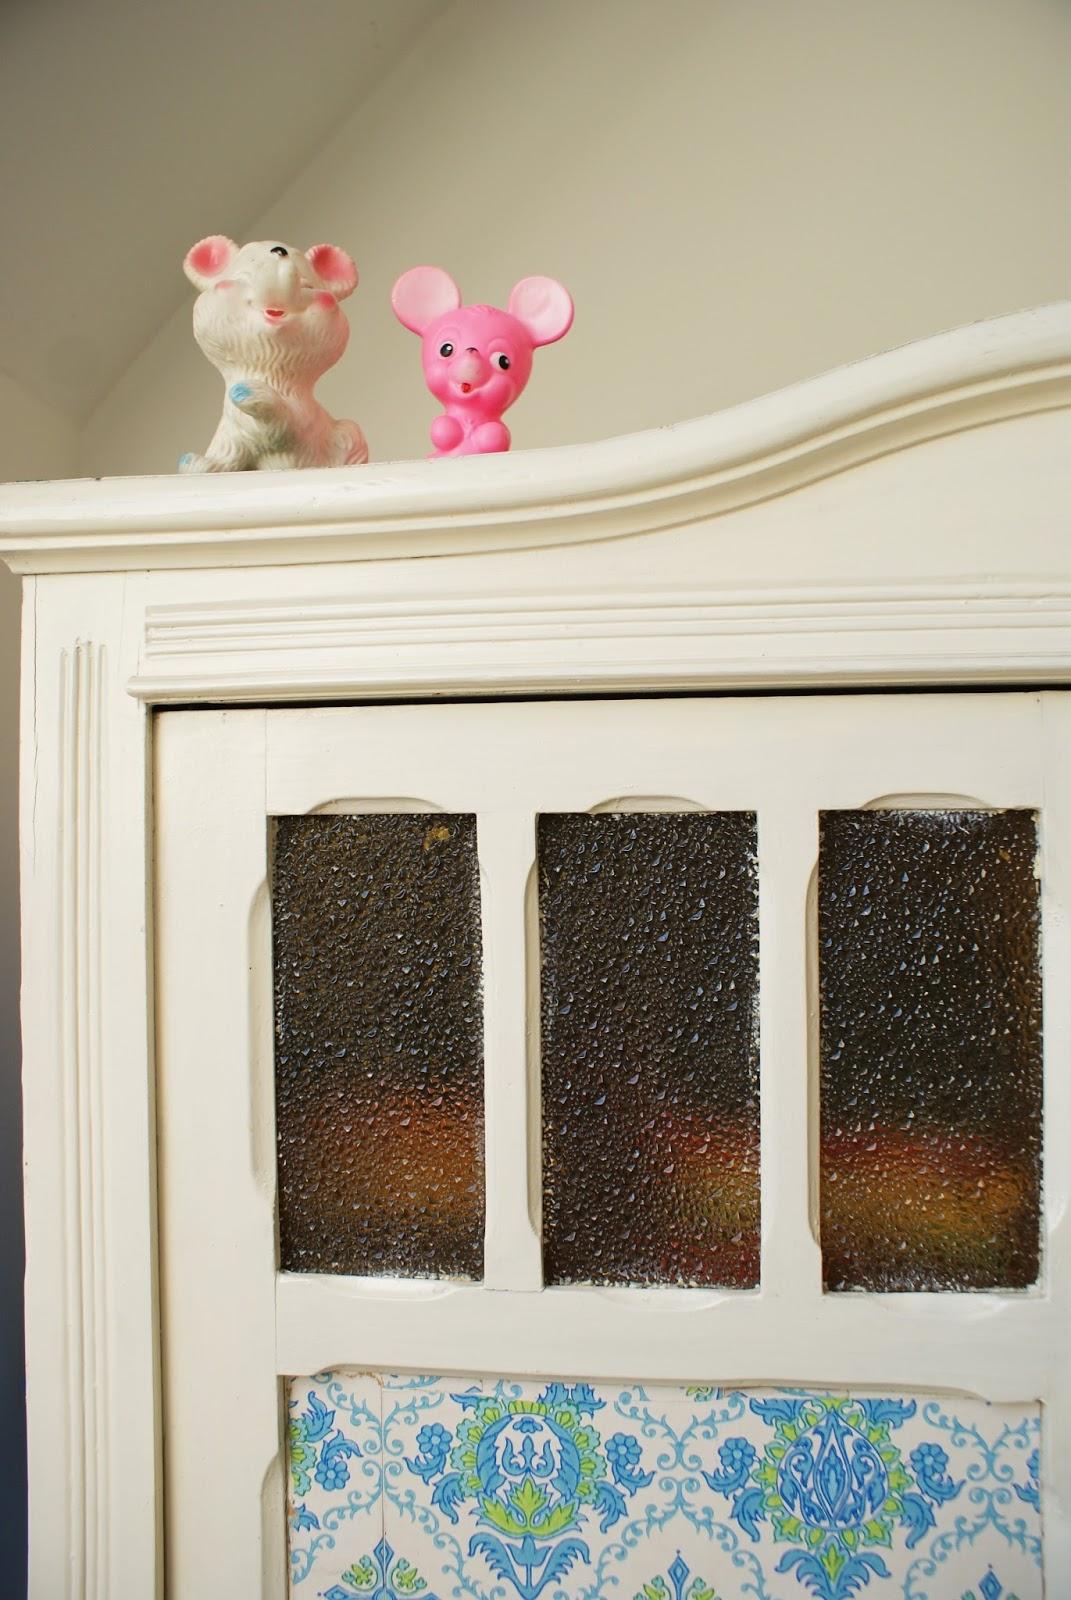 dietemiet mijn top 10 van interieuradressen. Black Bedroom Furniture Sets. Home Design Ideas